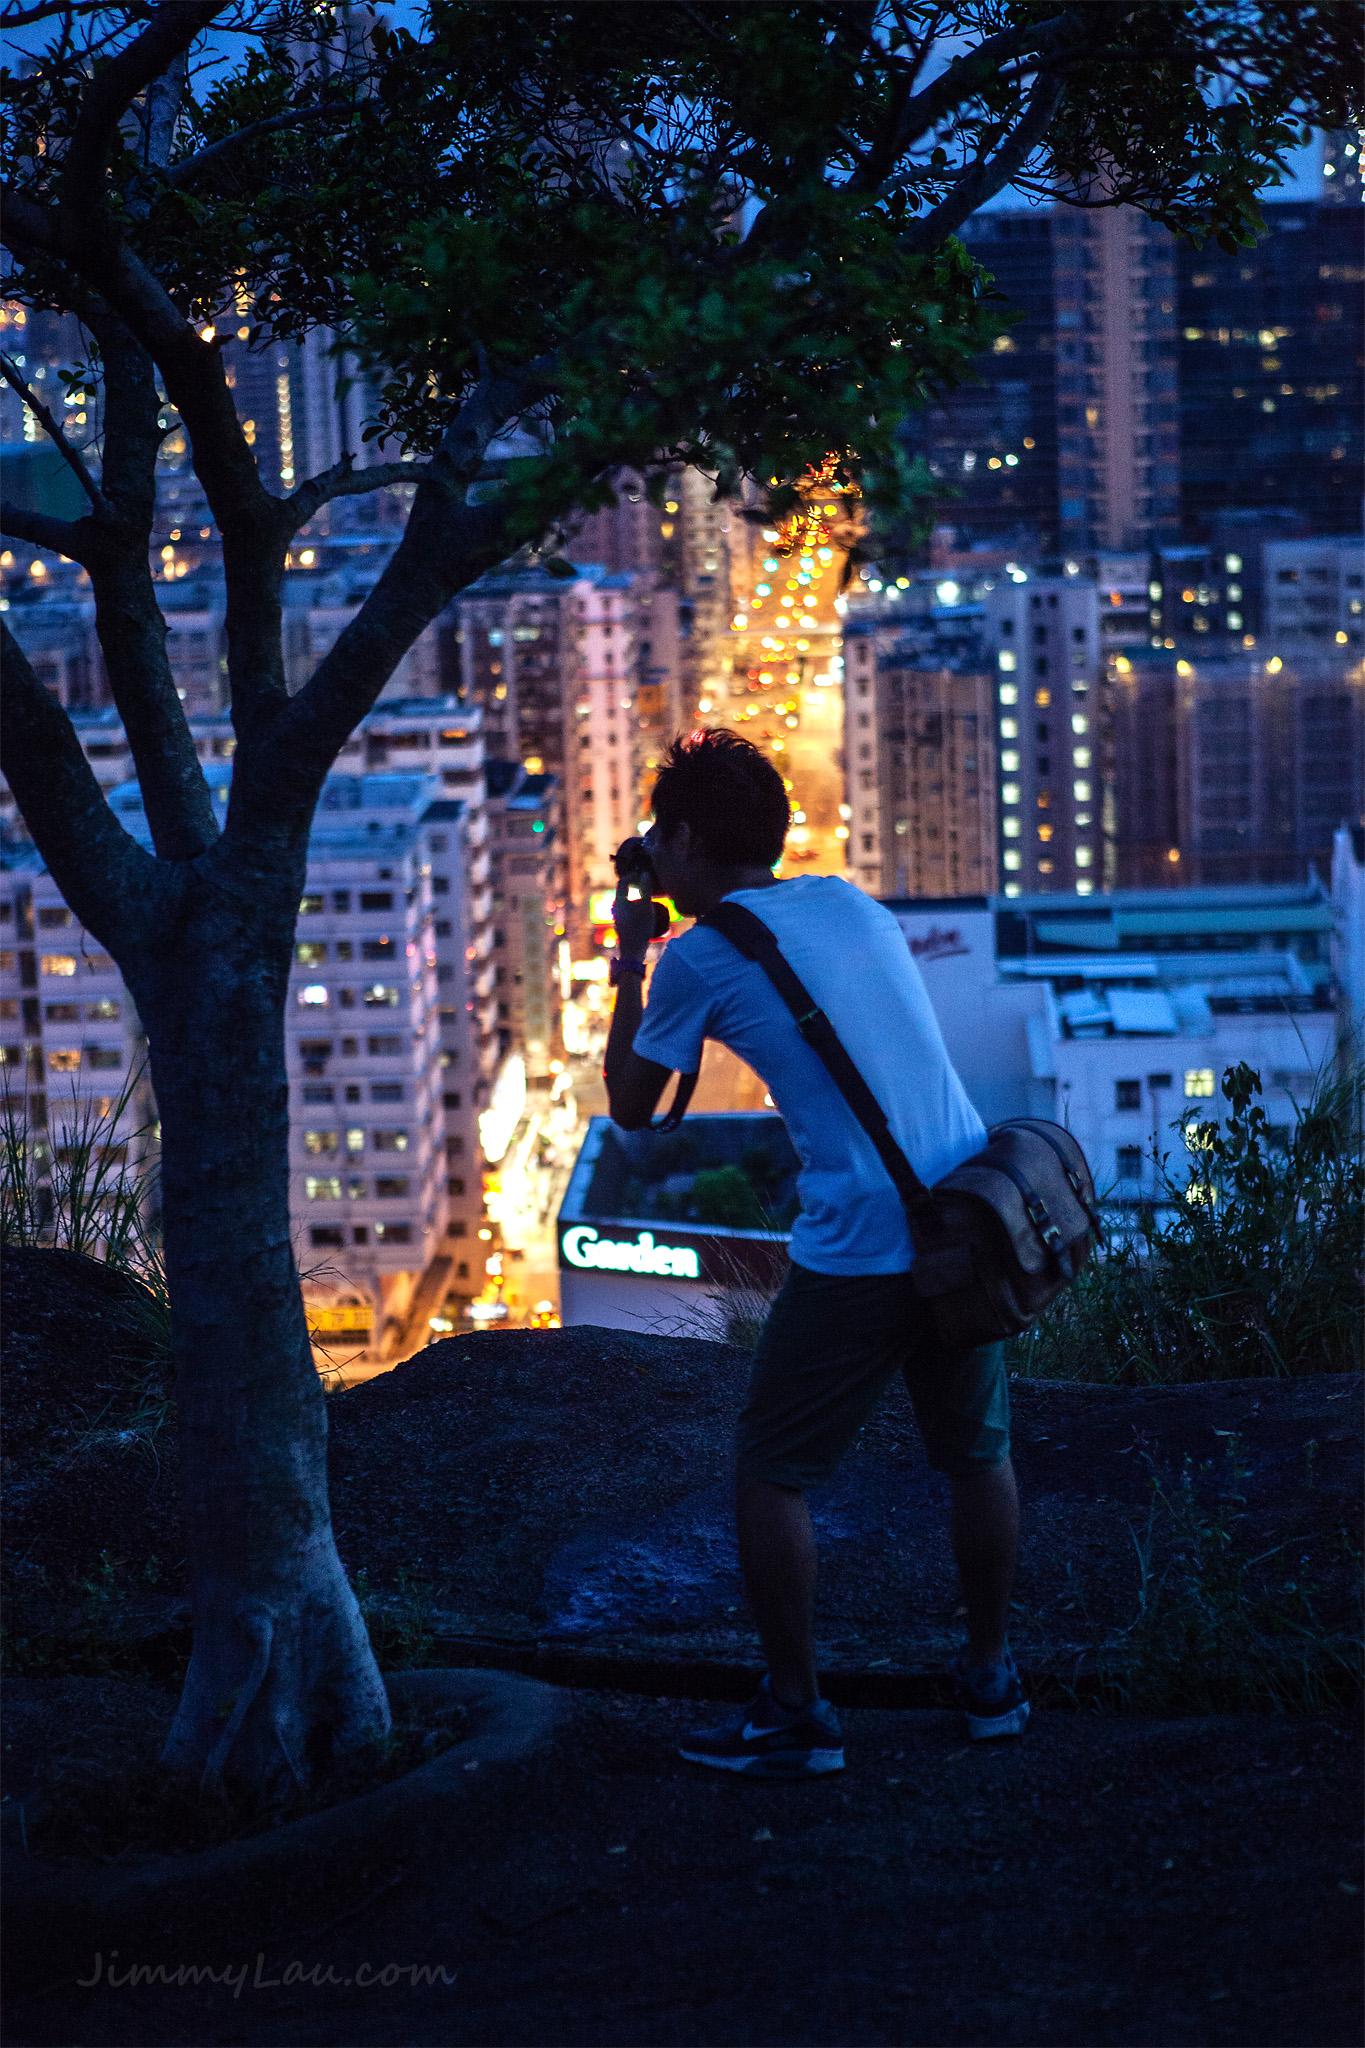 嘉頓山的日落 - 香港好去處   香港攝影景點 - ImageJoy